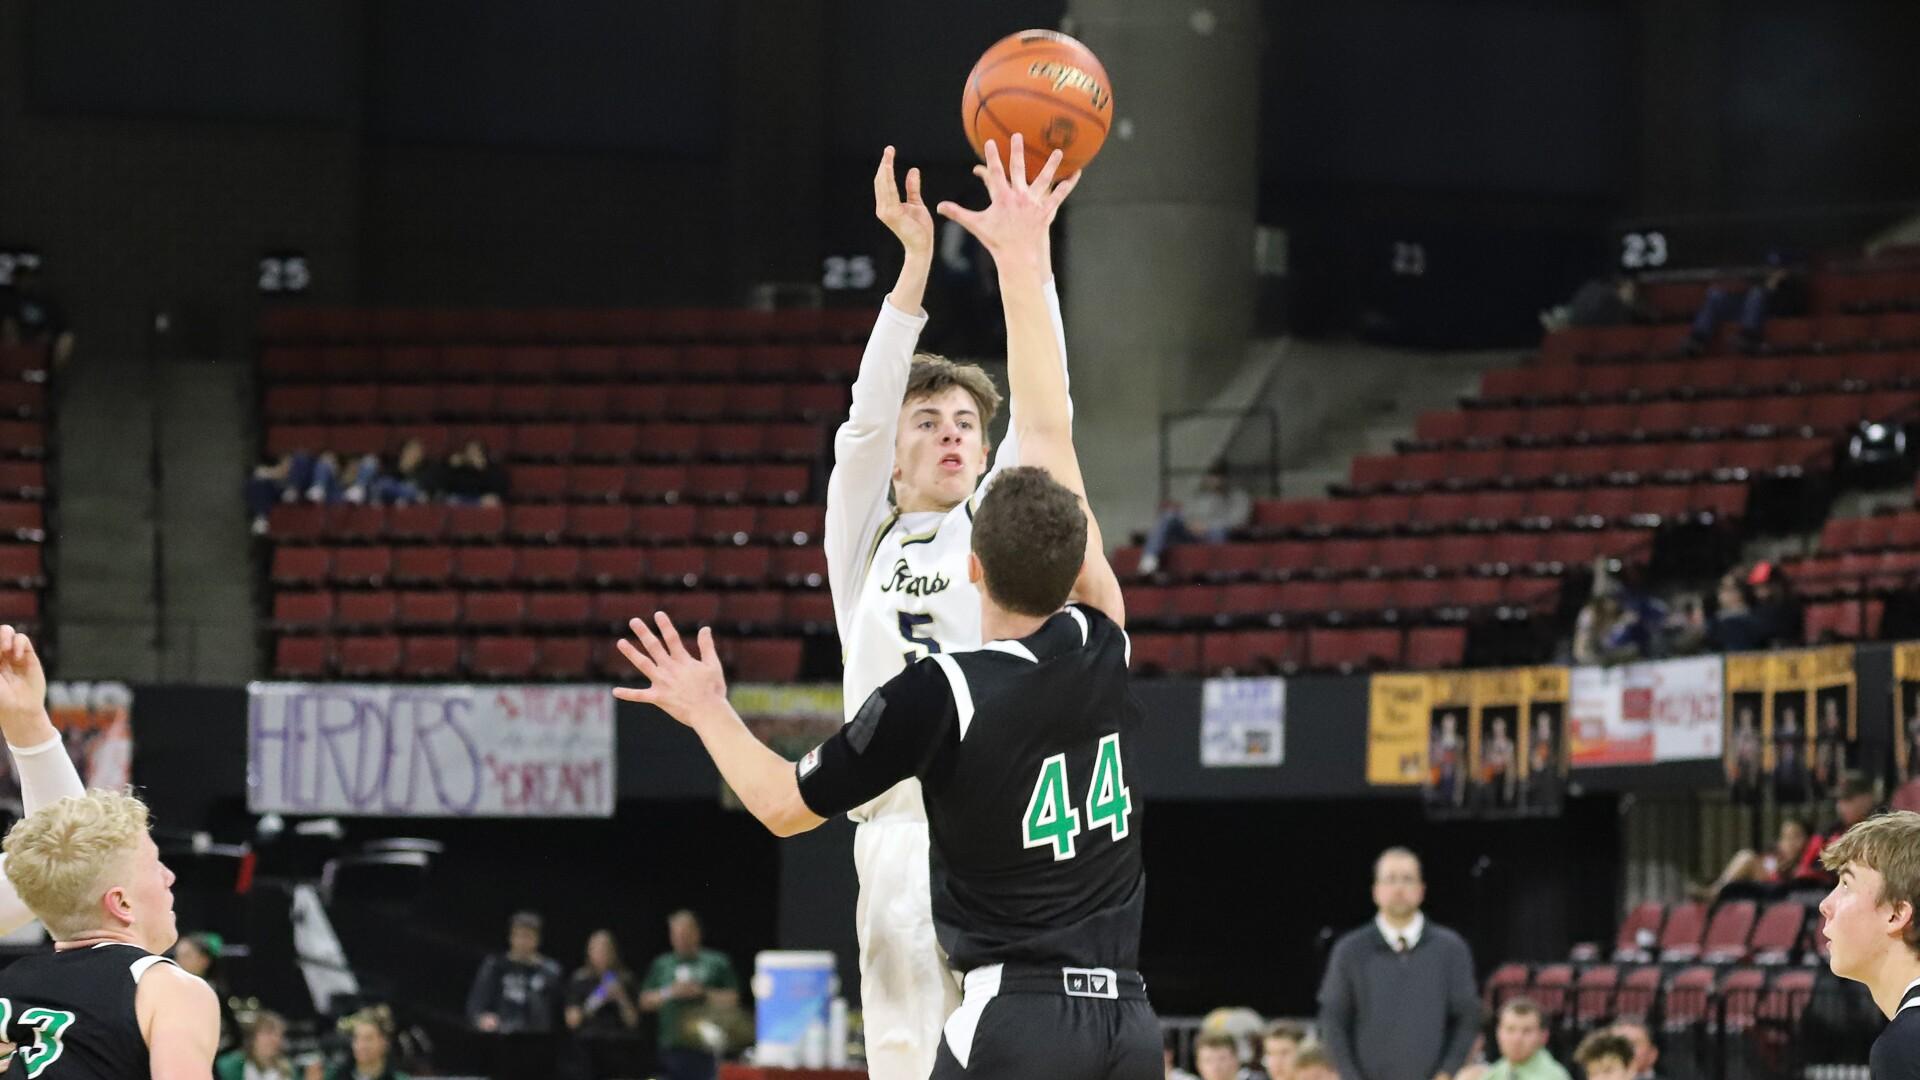 Southern B boys basketball